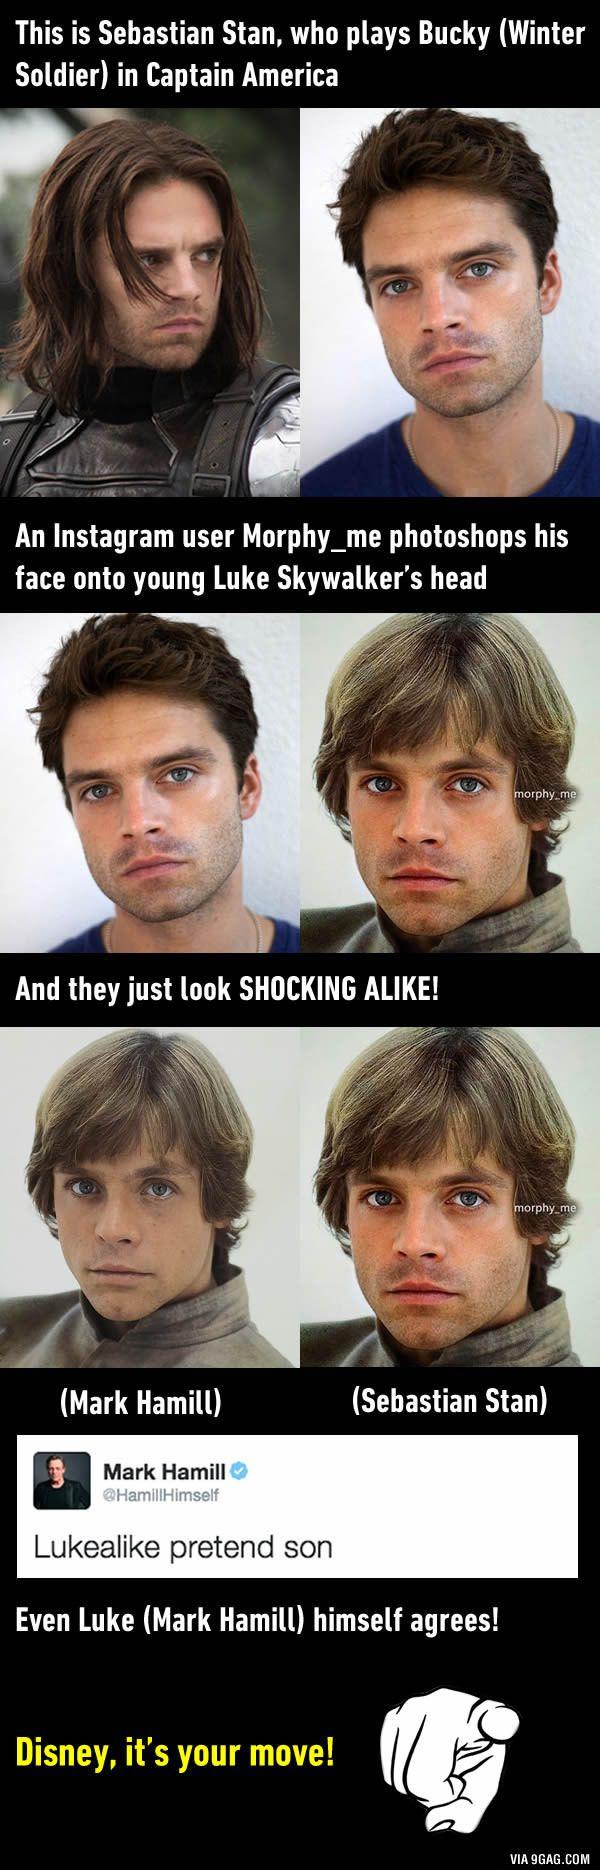 Sebastian Stan looks just like a young Luke Skywalker